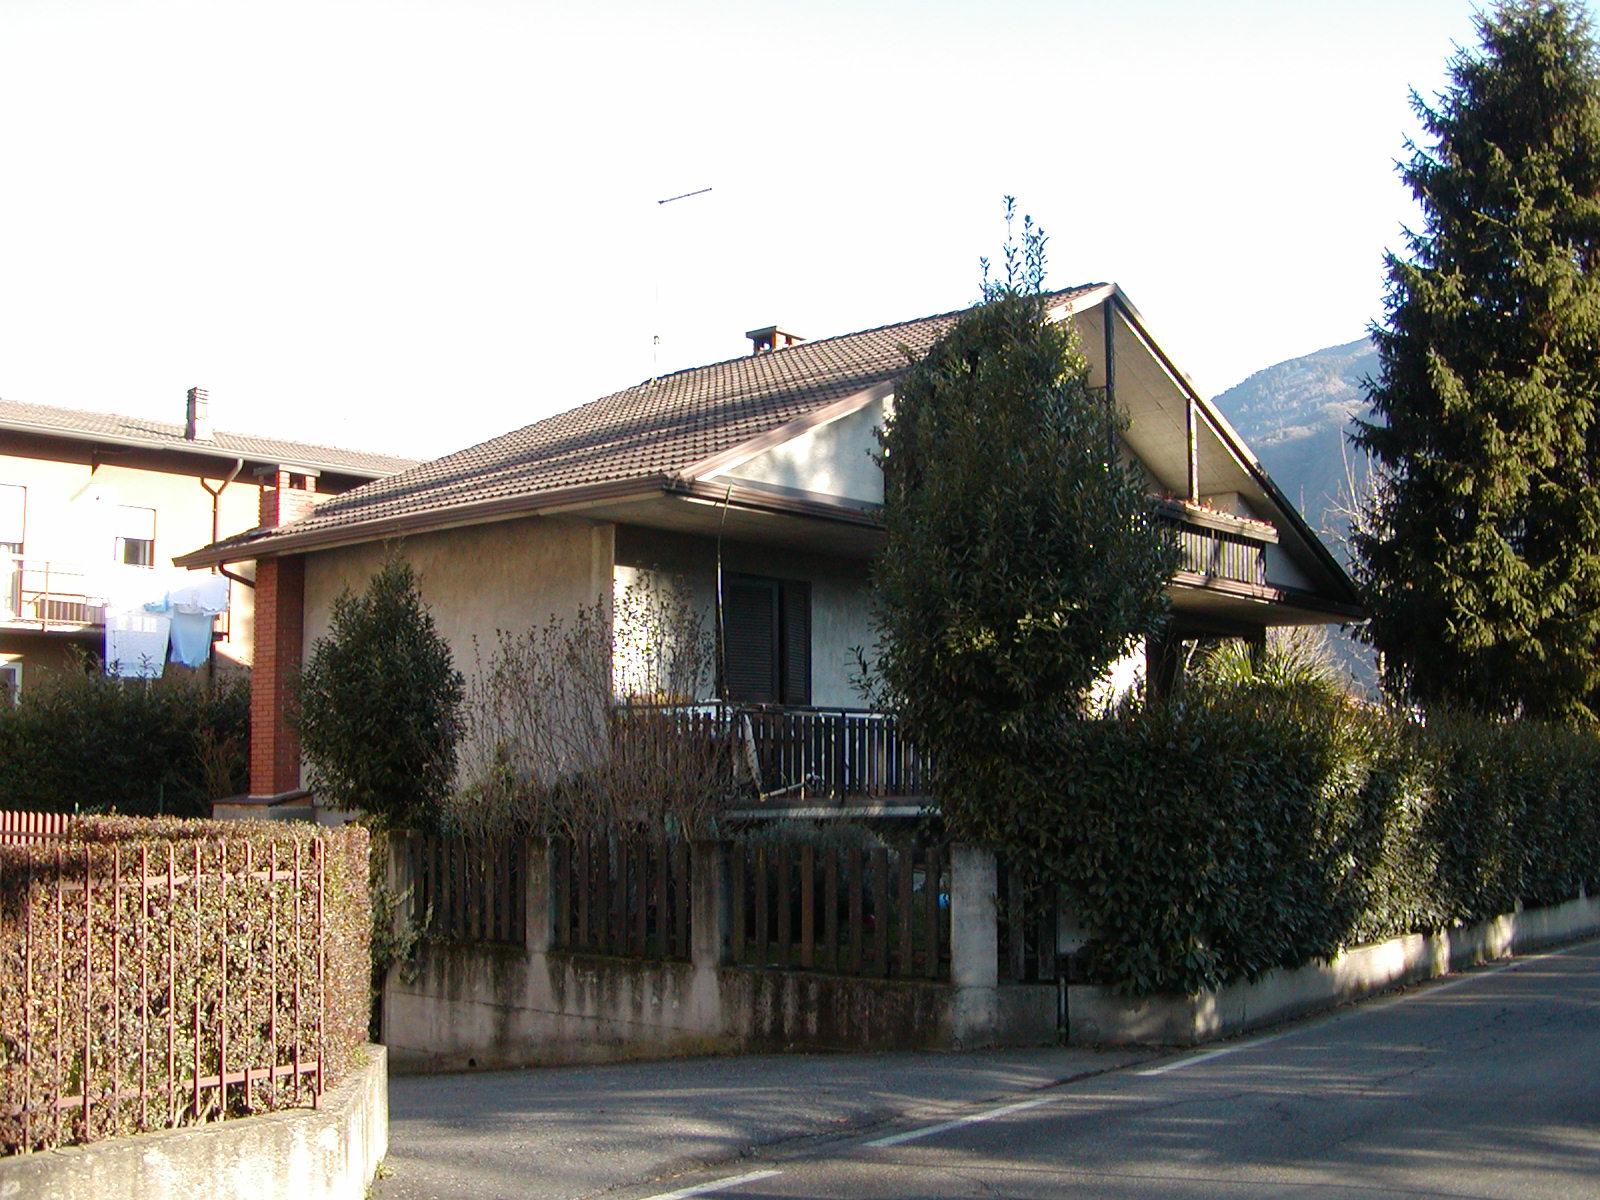 Studio-di-architettura-Baisotti-Sigala-prgetti67